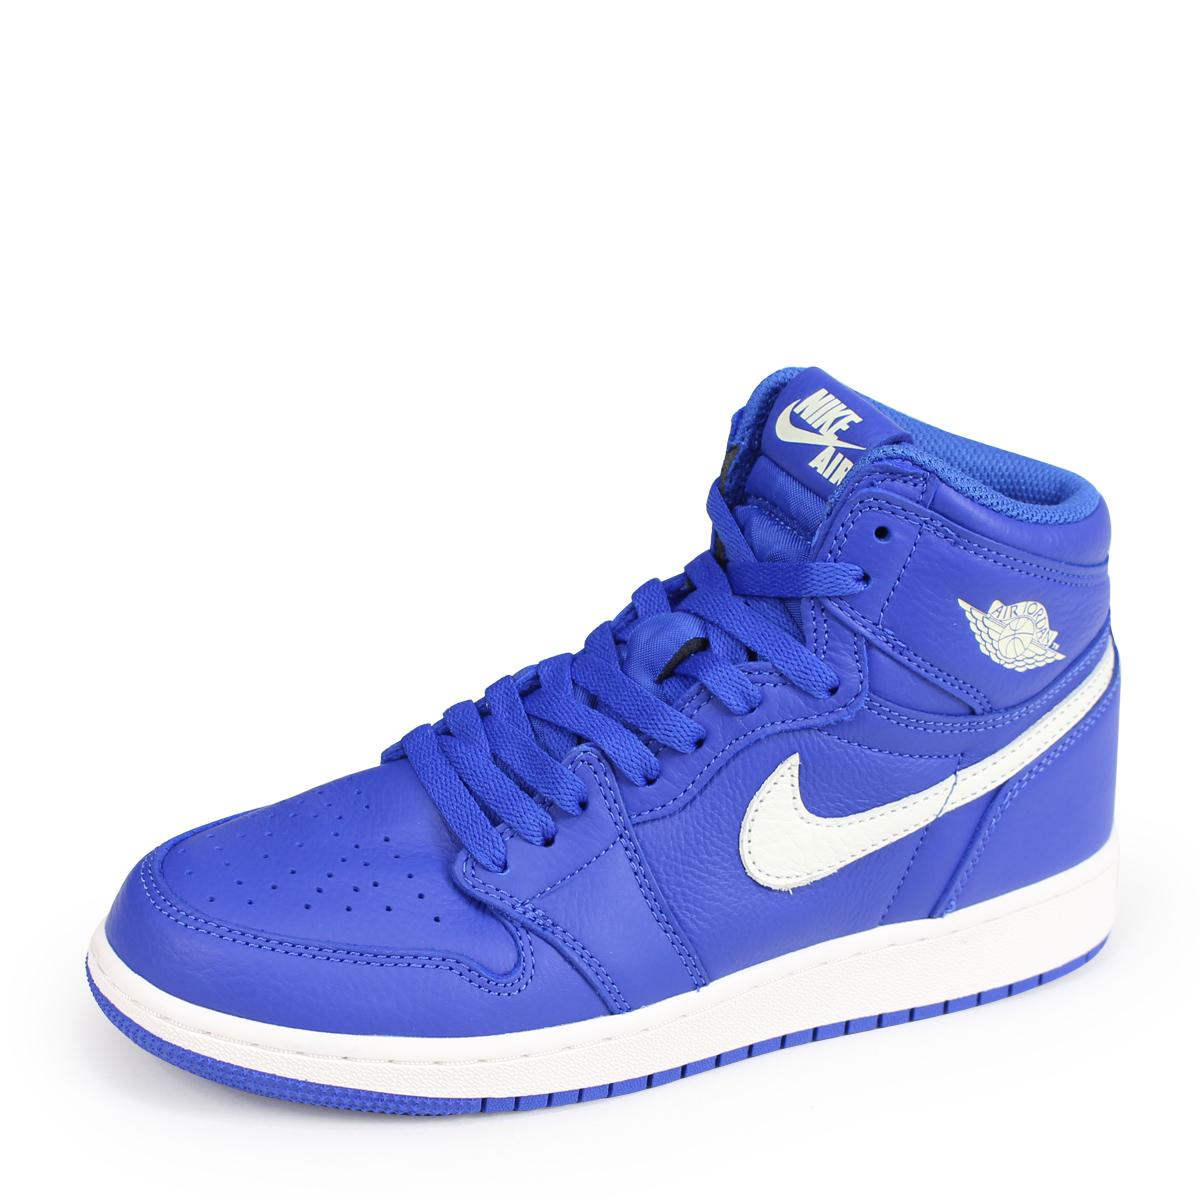 9b23cd918ab ... Nike NIKE Air Jordan 1 nostalgic Haile Dis sneakers AIR JORDAN 1 RETRO  HIGH OG BG ...